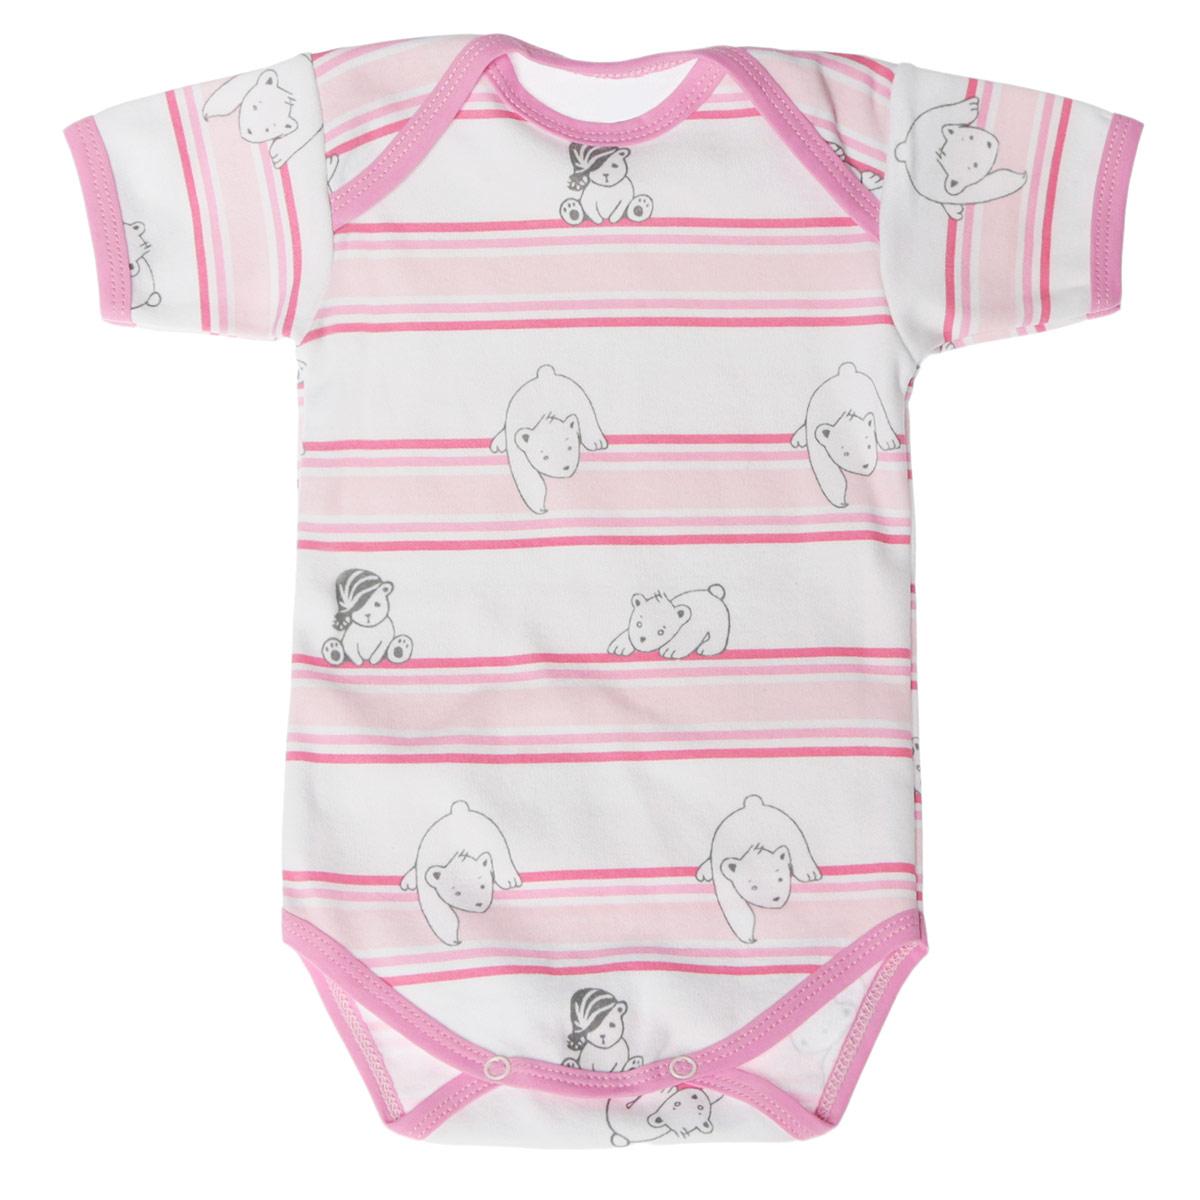 Боди-футболка детская. 5873_мишка, полоска5873_мишка, полоскаУдобное детское боди-футболка Трон-плюс послужит идеальным дополнением к гардеробу вашего крохи, обеспечивая ему наибольший комфорт. Боди с короткими рукавами и круглым вырезом горловины изготовлено из интерлока - натурального хлопка, благодаря чему оно необычайно мягкое и легкое, не раздражает нежную кожу ребенка и хорошо вентилируется, а эластичные швы приятны телу младенца и не препятствуют его движениям. Удобные запахи на плечах и кнопки на ластовице помогают легко переодеть ребенка или сменить подгузник. Вырез горловины, запахи, низ рукавов и ластовица дополнены бейкой. Оформлена модель принтом в полоску, а также изображениями медвежат. Боди полностью соответствует особенностям жизни ребенка в ранний период, не стесняя и не ограничивая его в движениях. В нем ваш ребенок всегда будет в центре внимания.